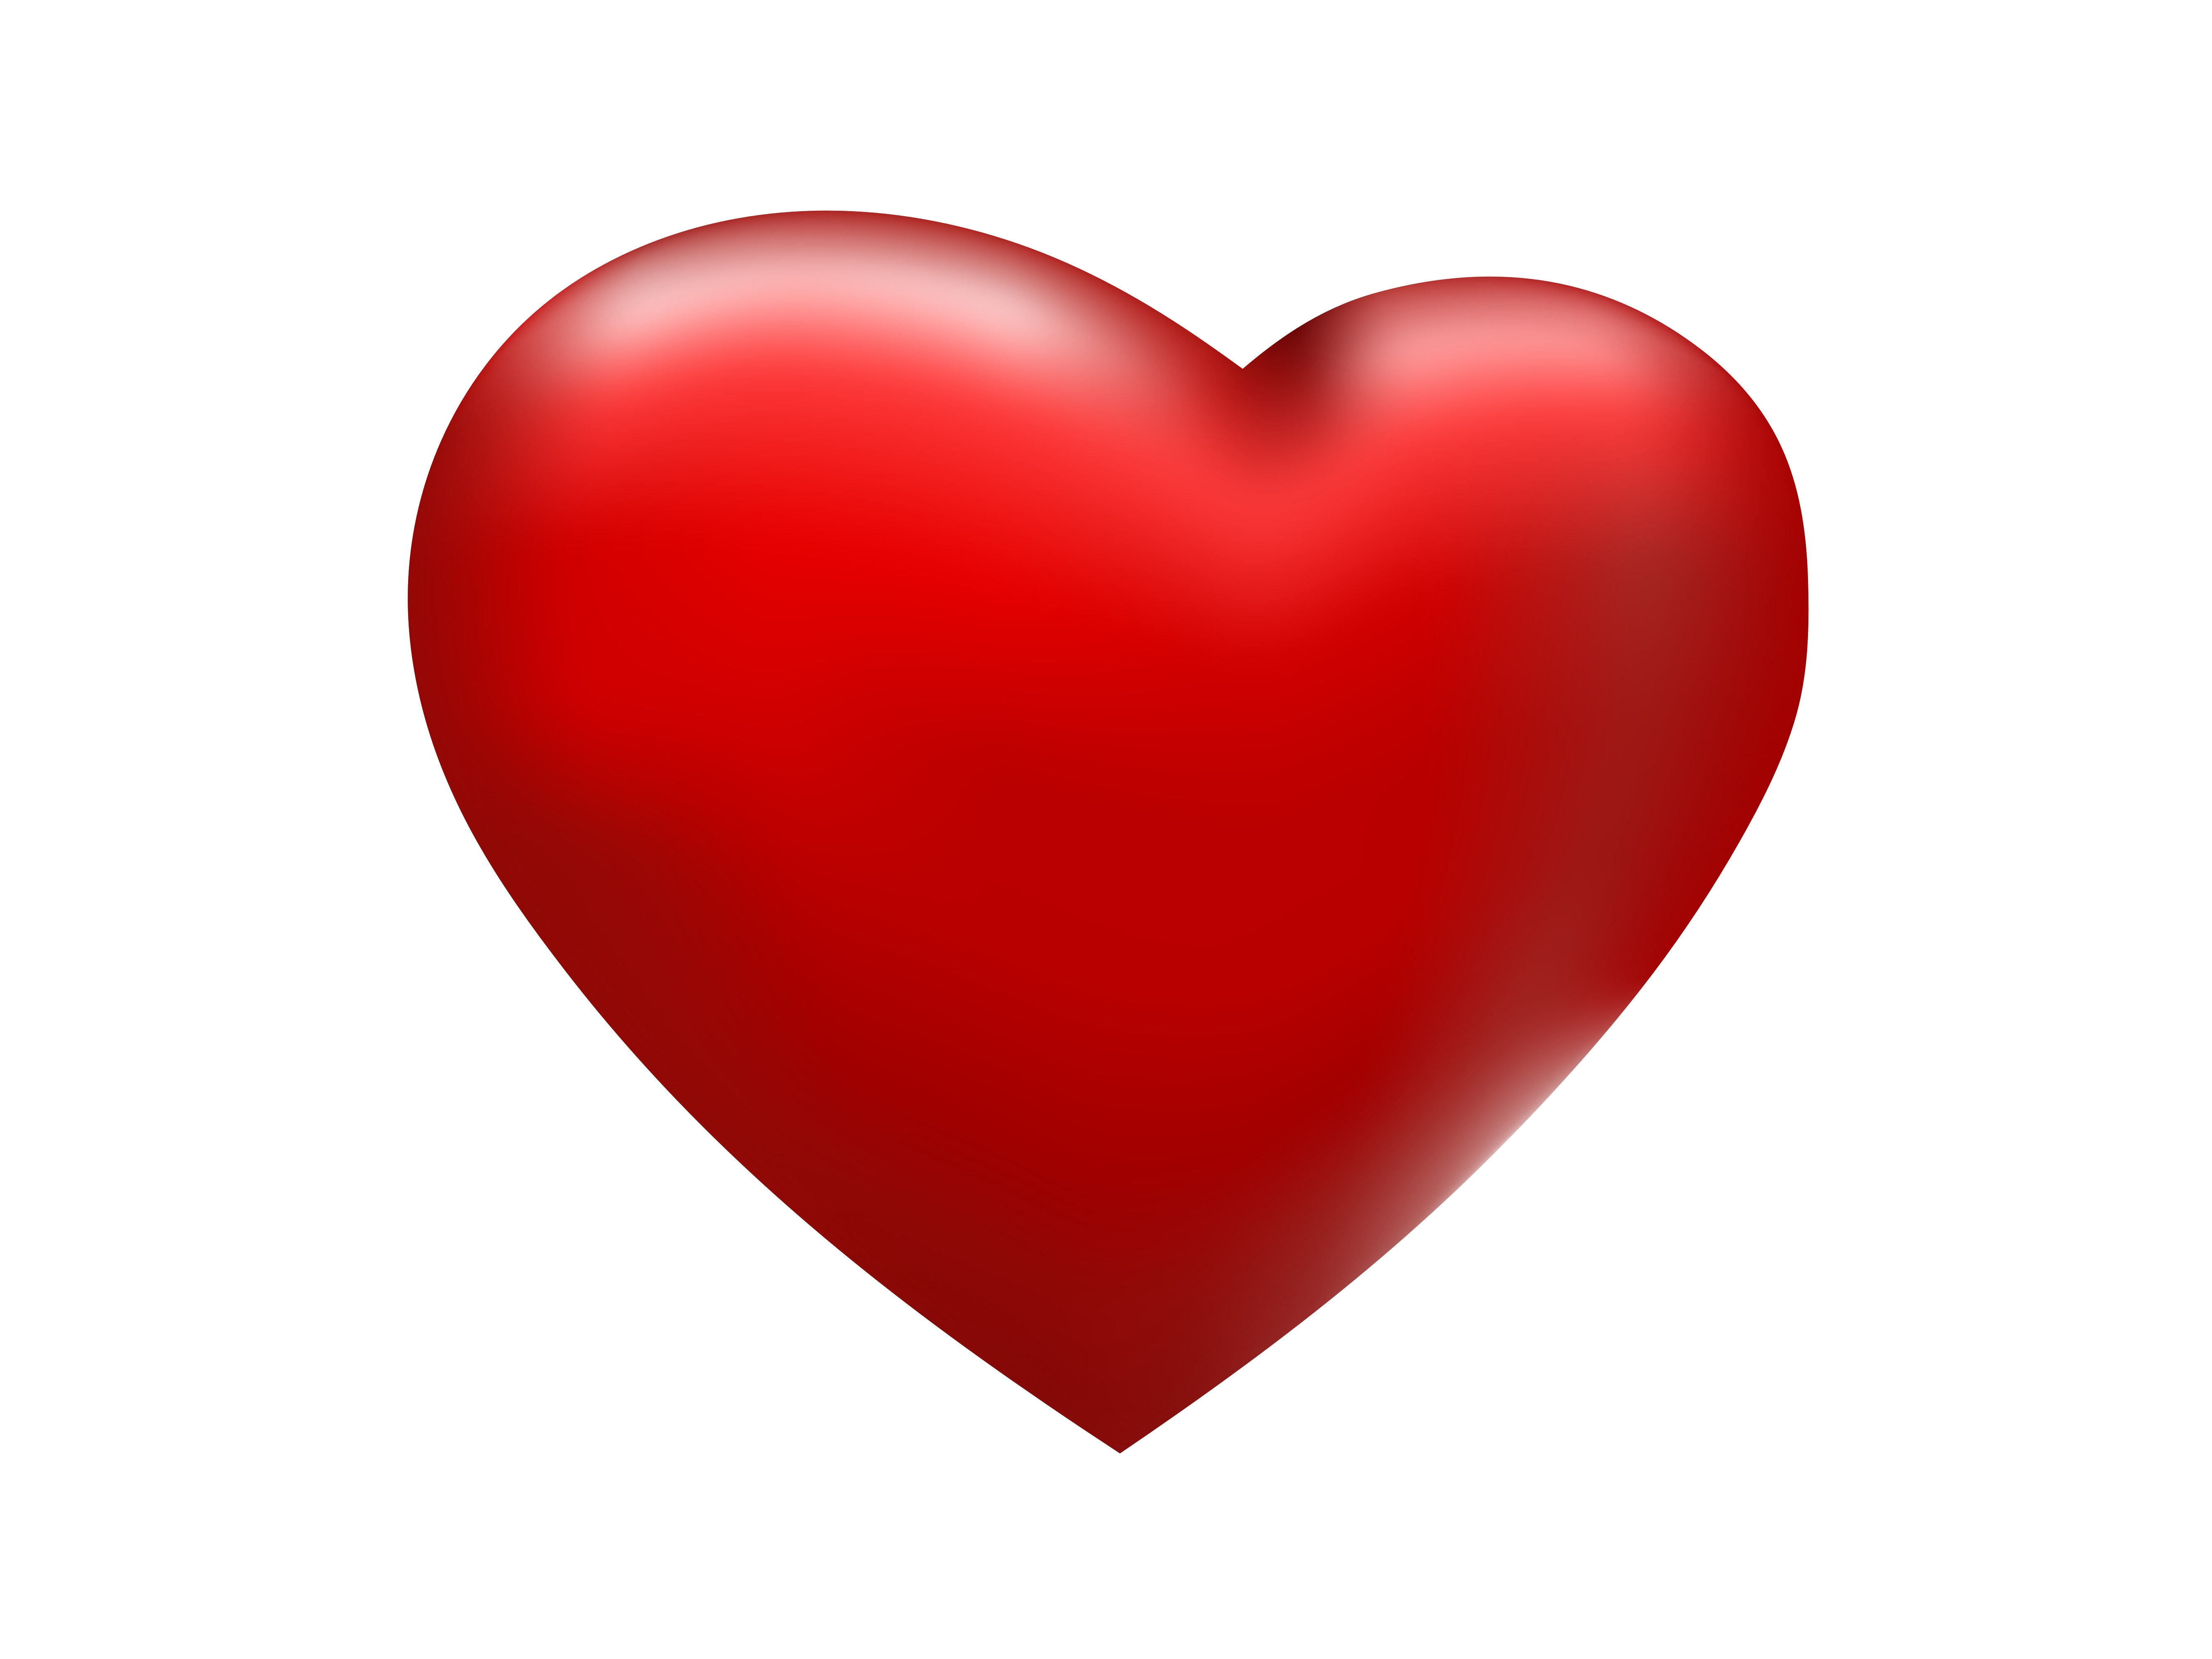 heart - photo #24